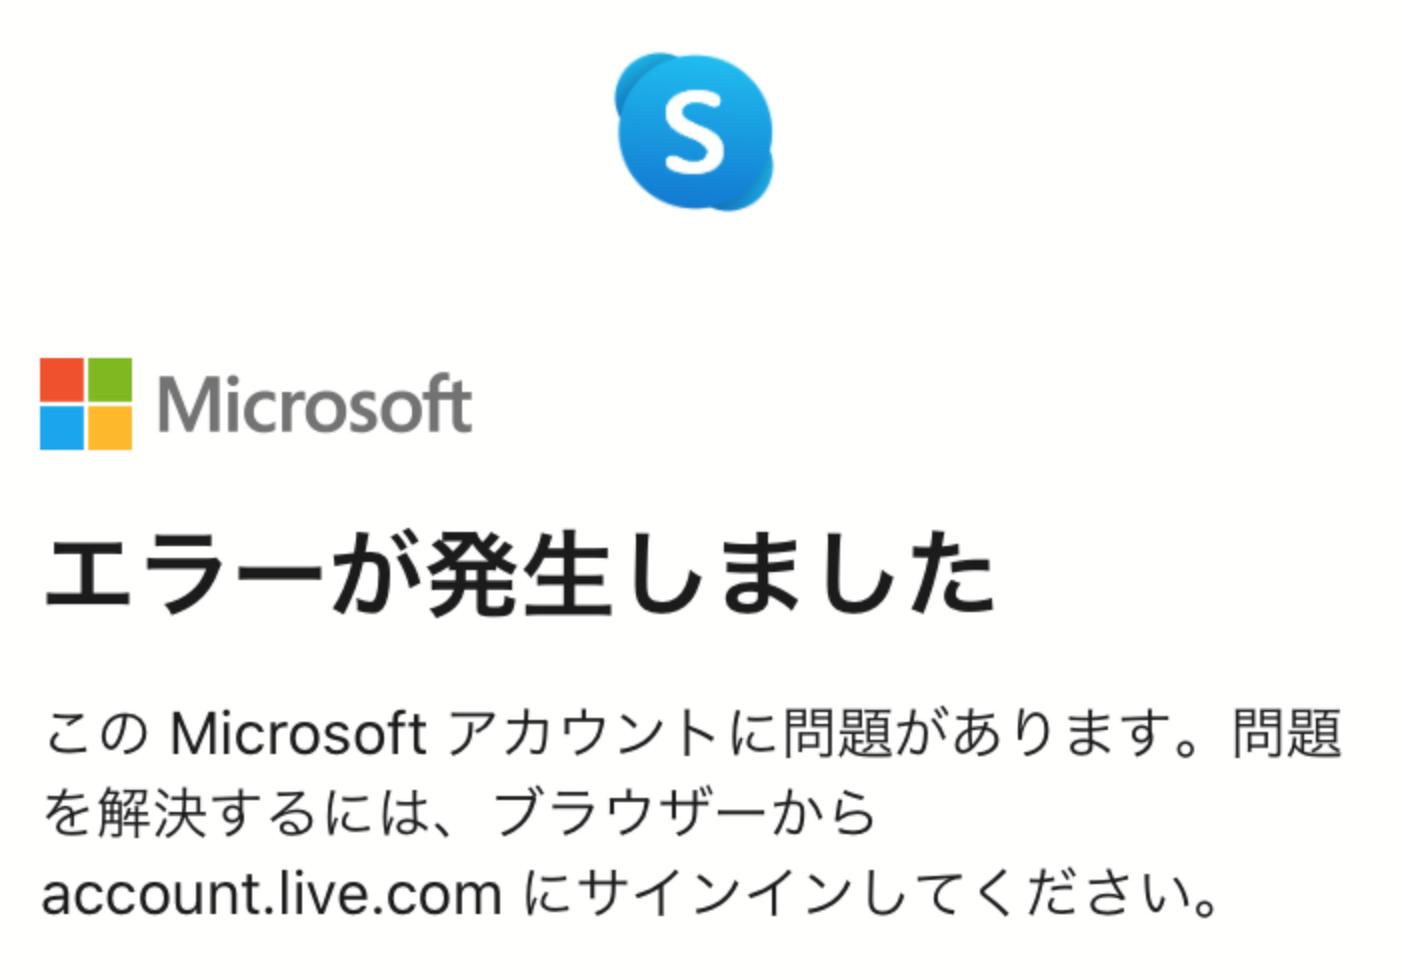 Skypeにログインできない(エラーが発生しました)場合